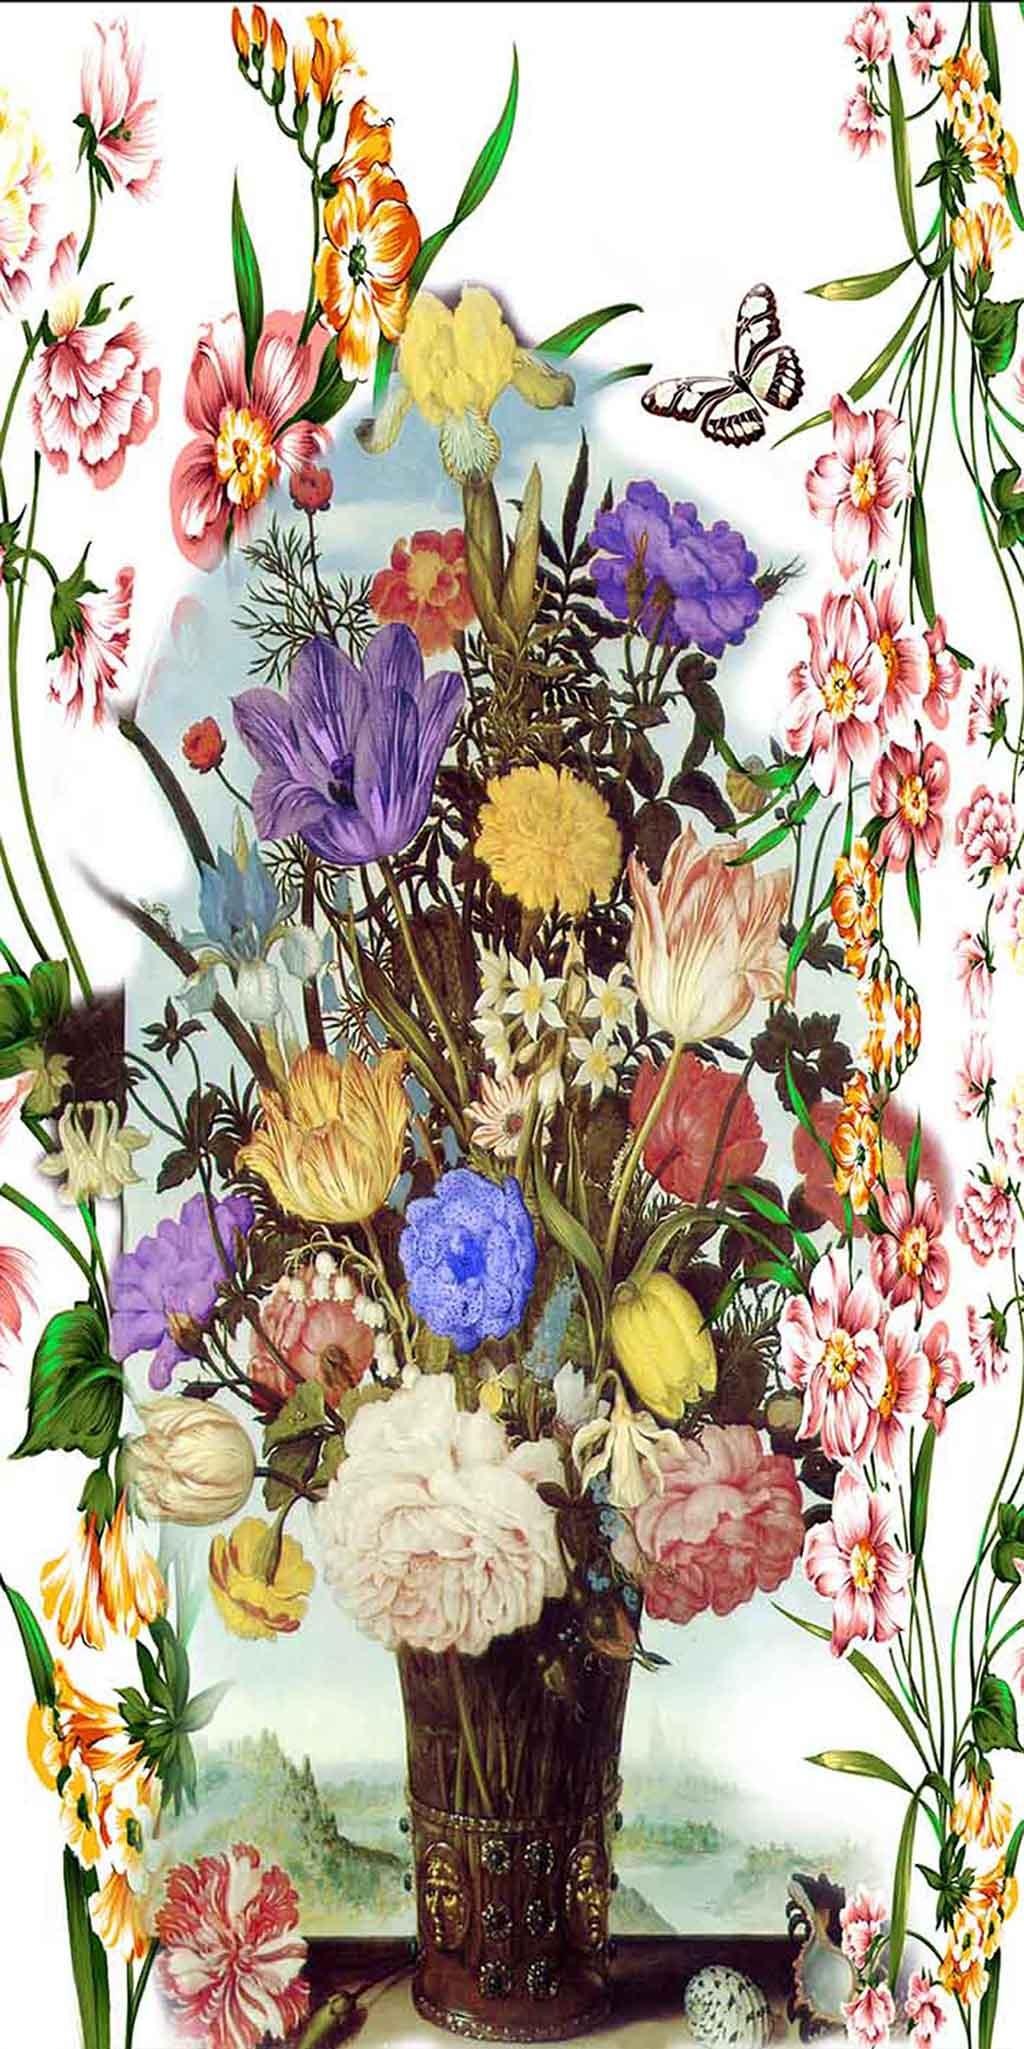 欧式花瓶油画背景模板下载(图片编号:12353552)